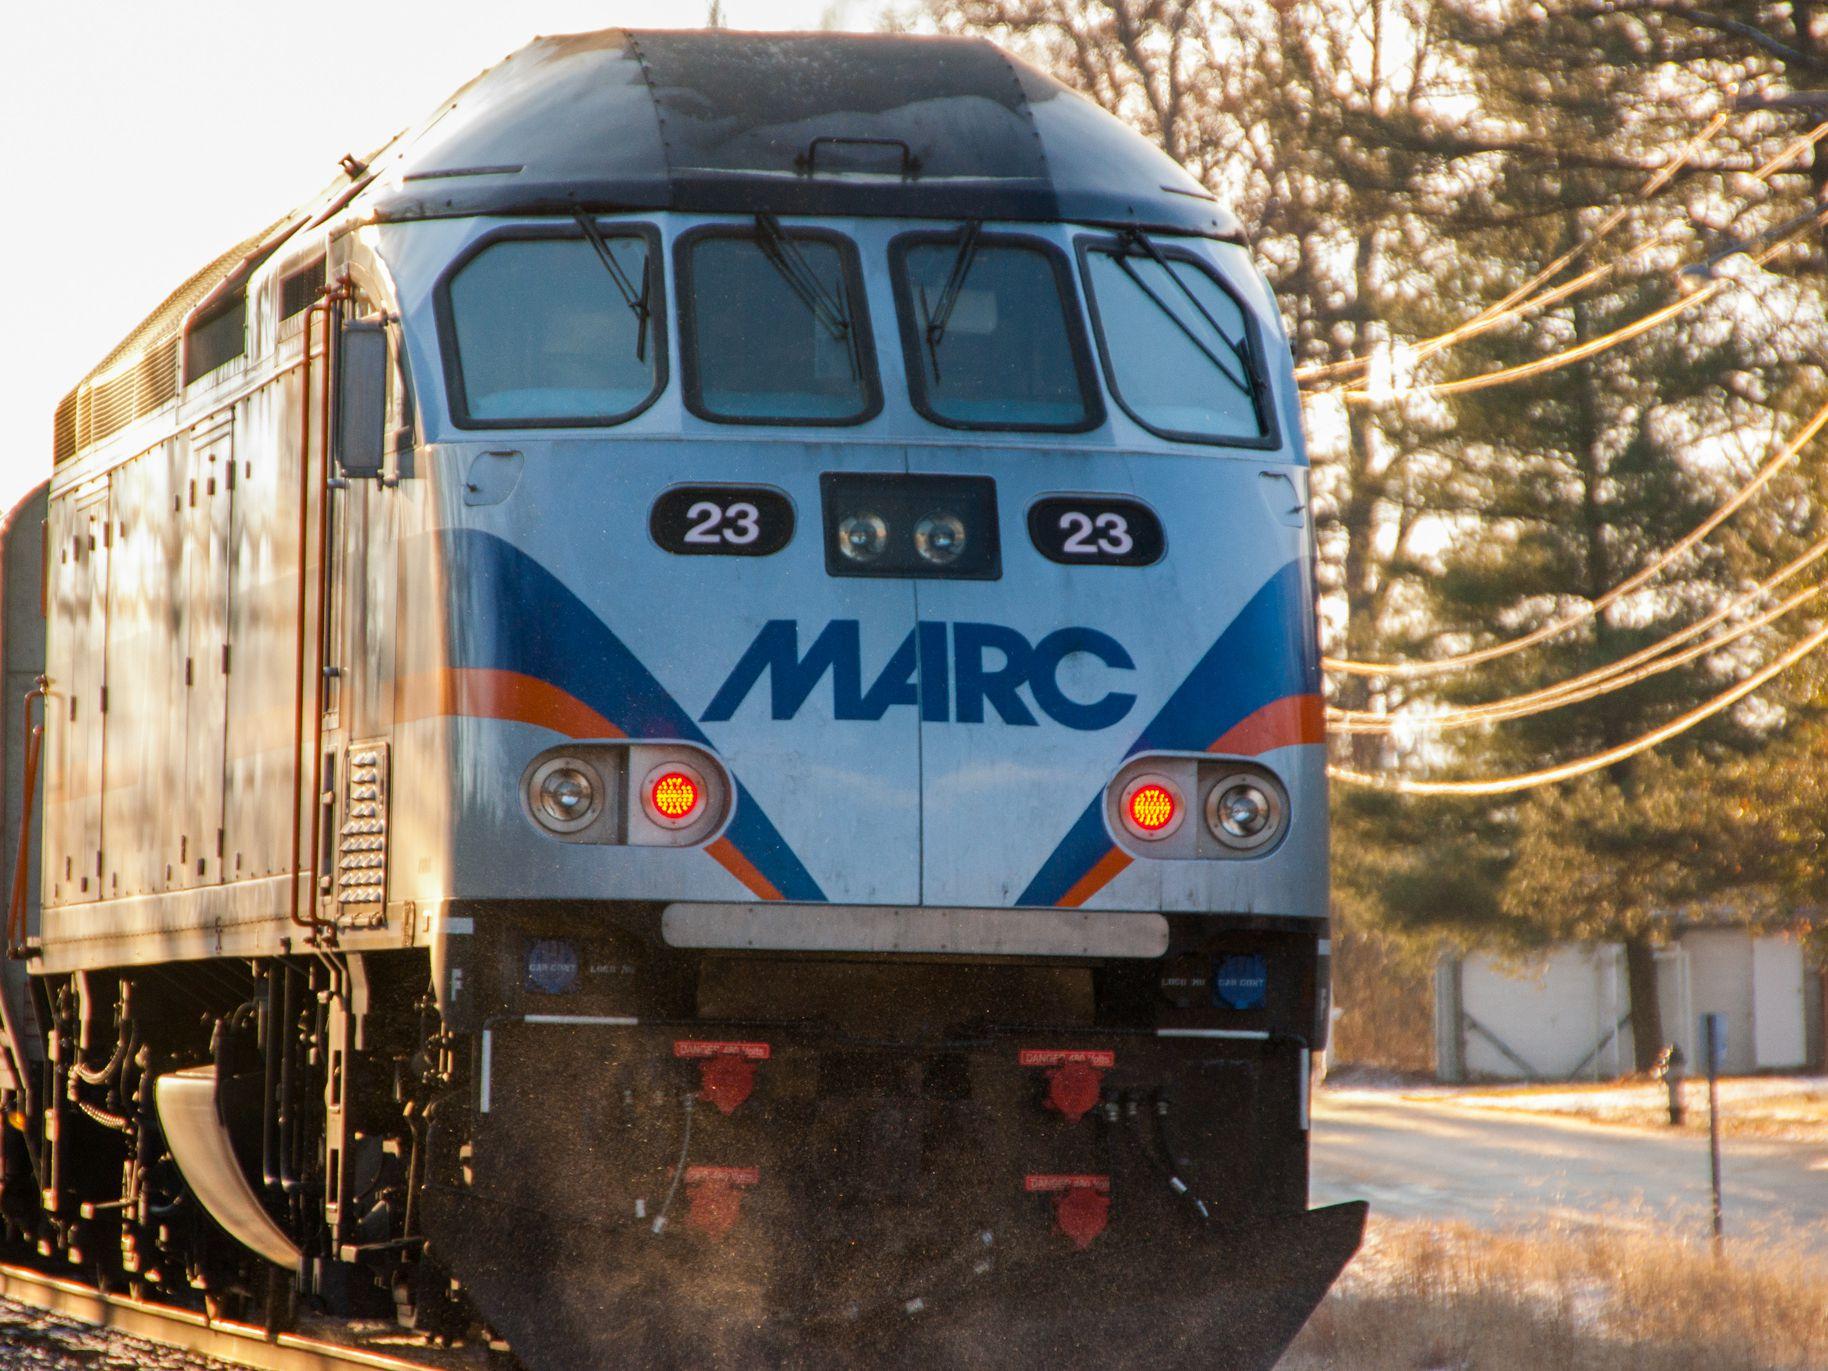 MARC Train: Commuter Rail Line to Washington, D C